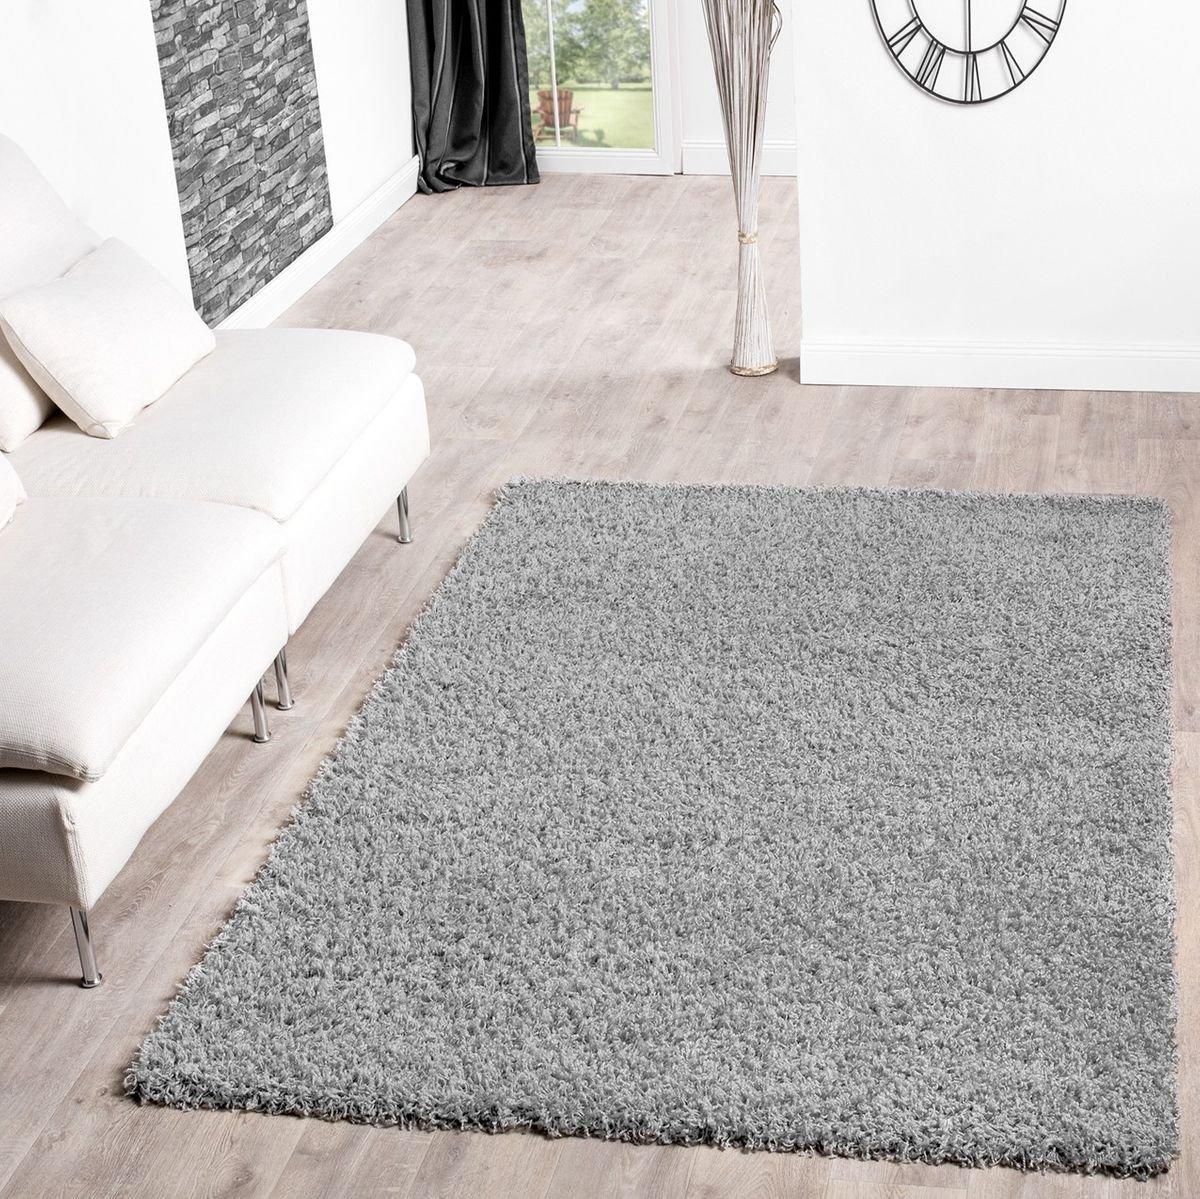 T&T Design Alfombra Shaggy De Pelo Largo para Salón A Precio Inmejorable, Größe:160x220